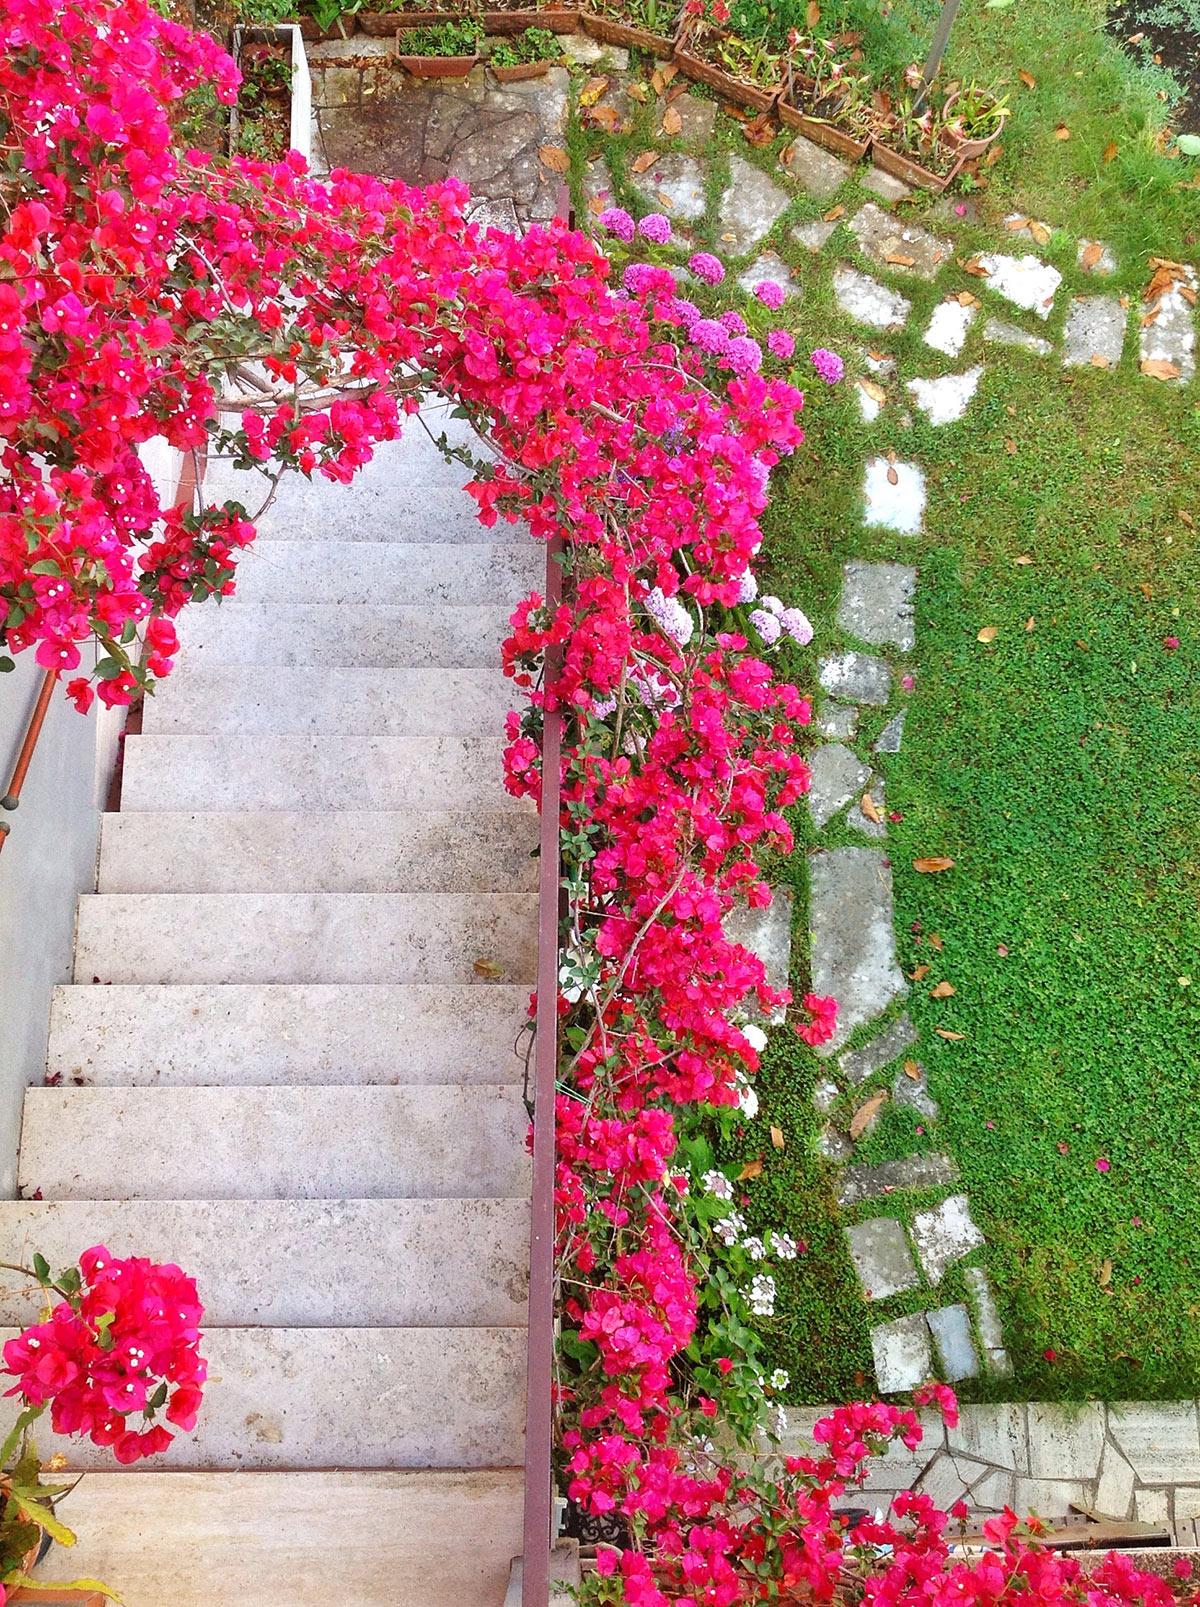 Arco di rose in giardino.